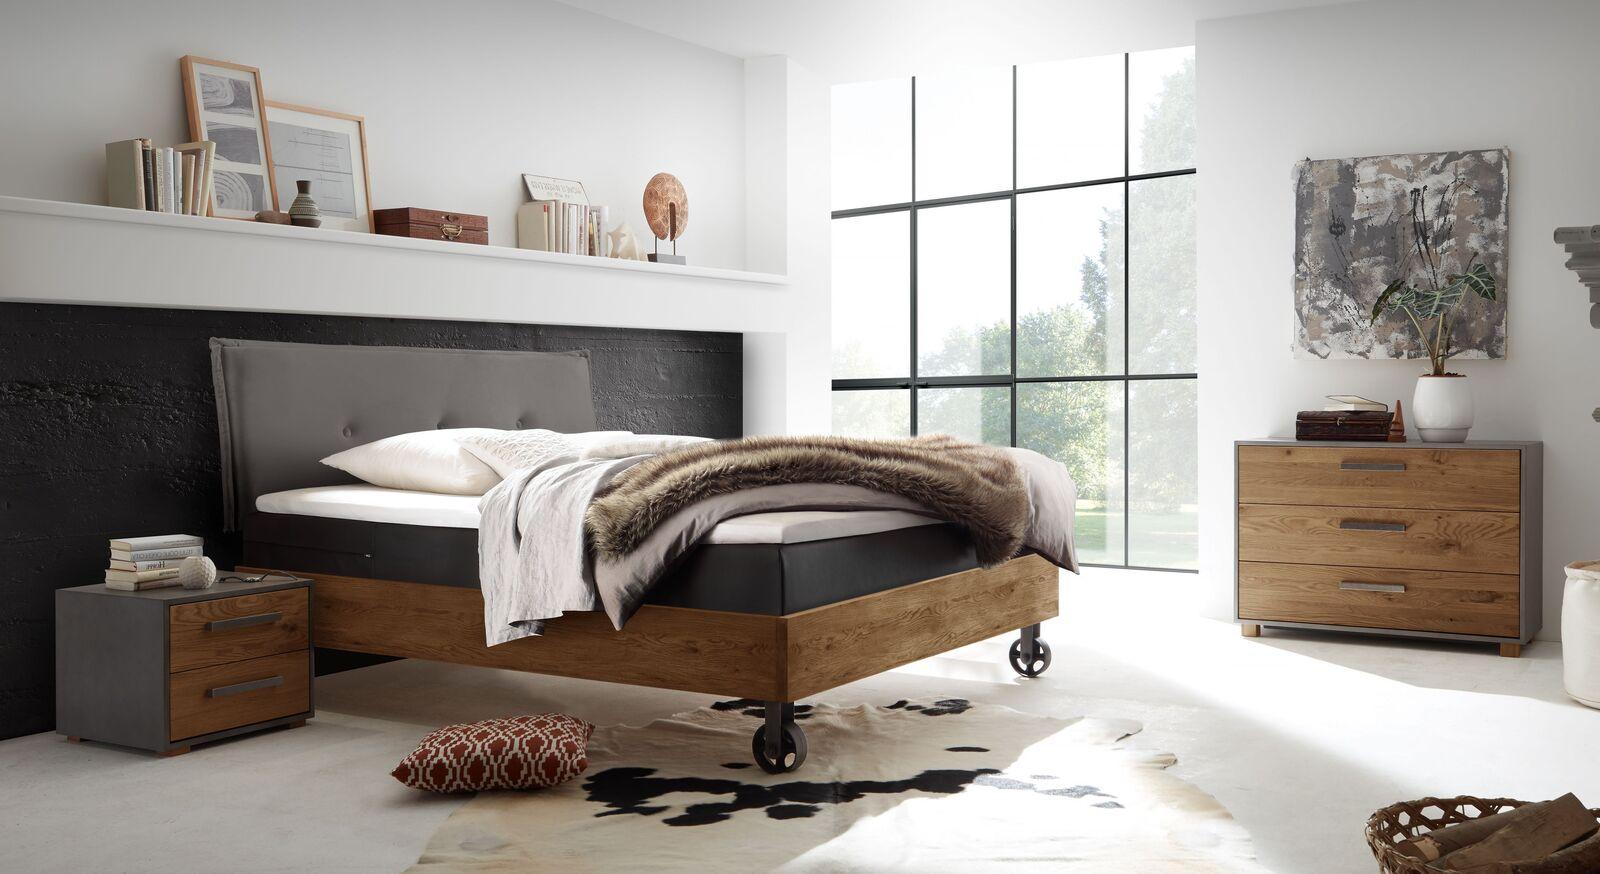 Passende Schlafzimmermöbel zum Boxspringbett Camaso